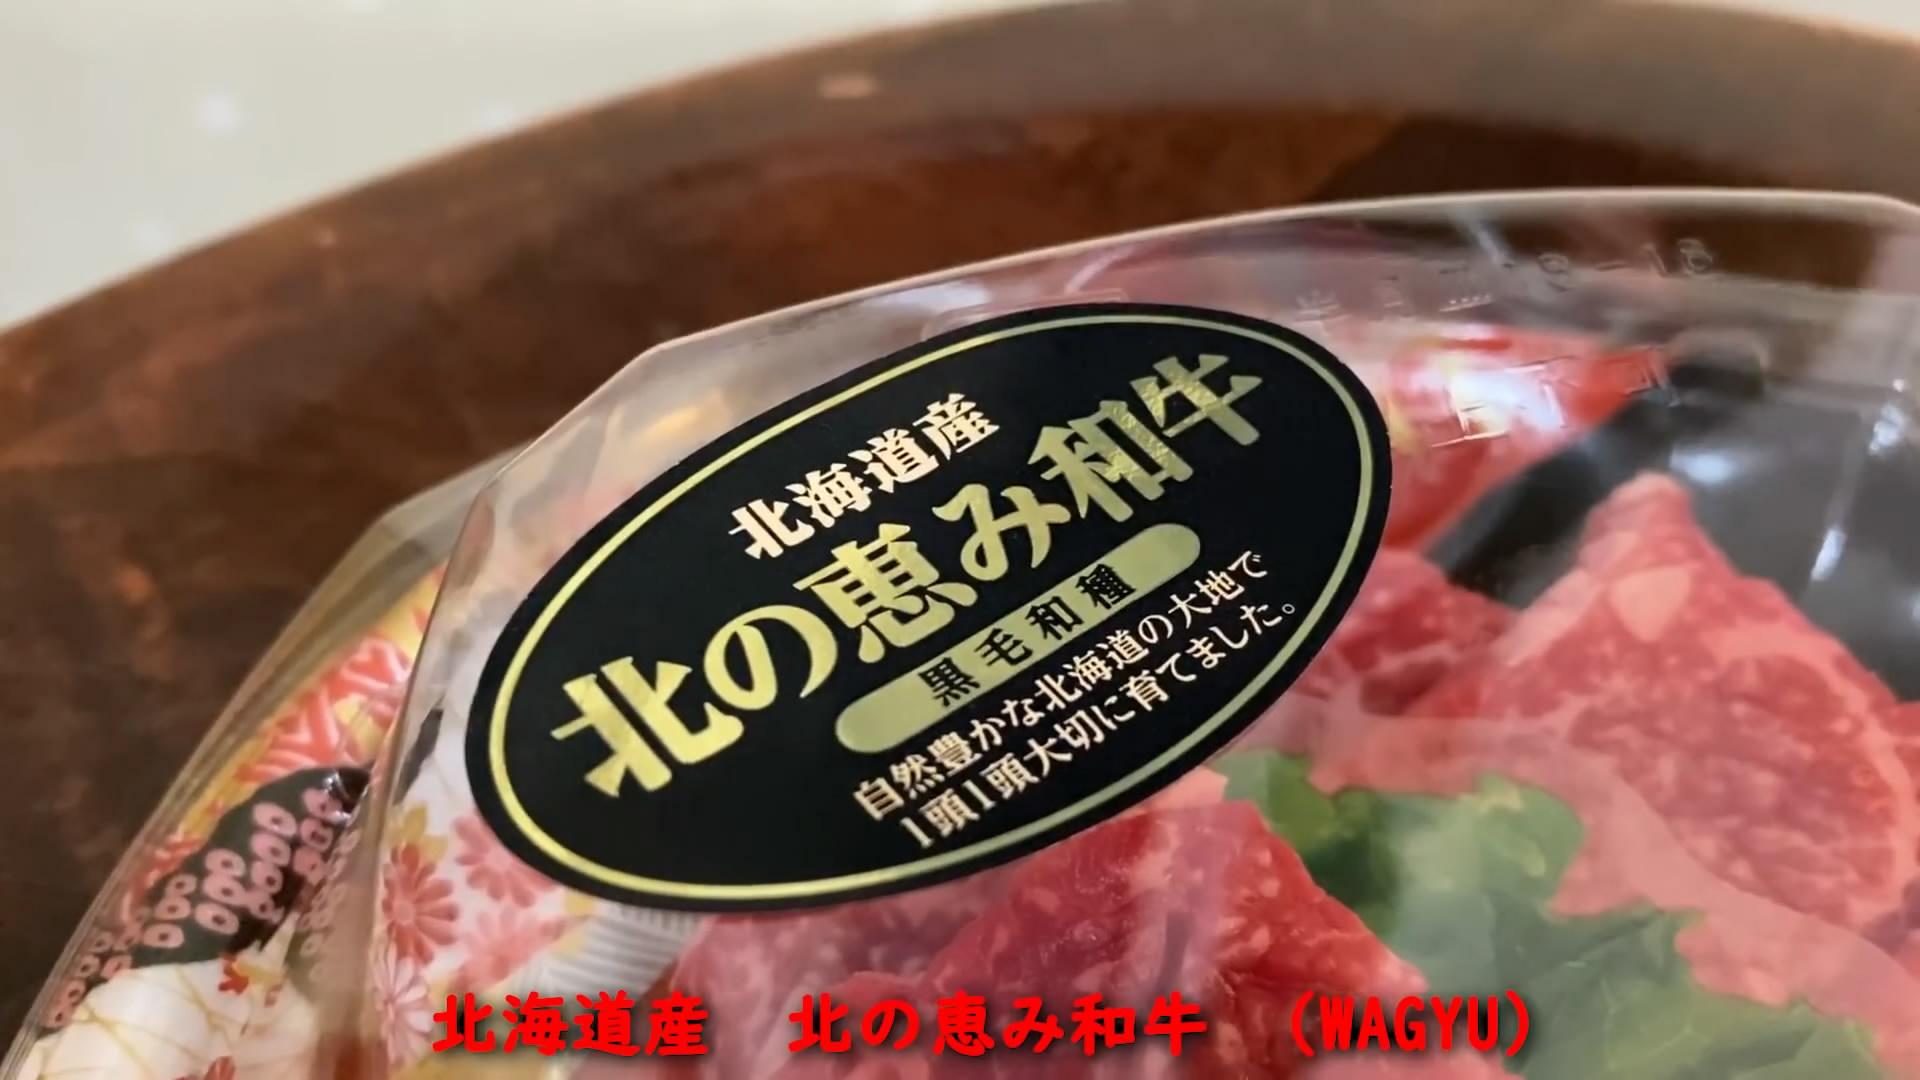 日本小哥用AMD处理器烤肉 肉香四溢!这操作太秀了